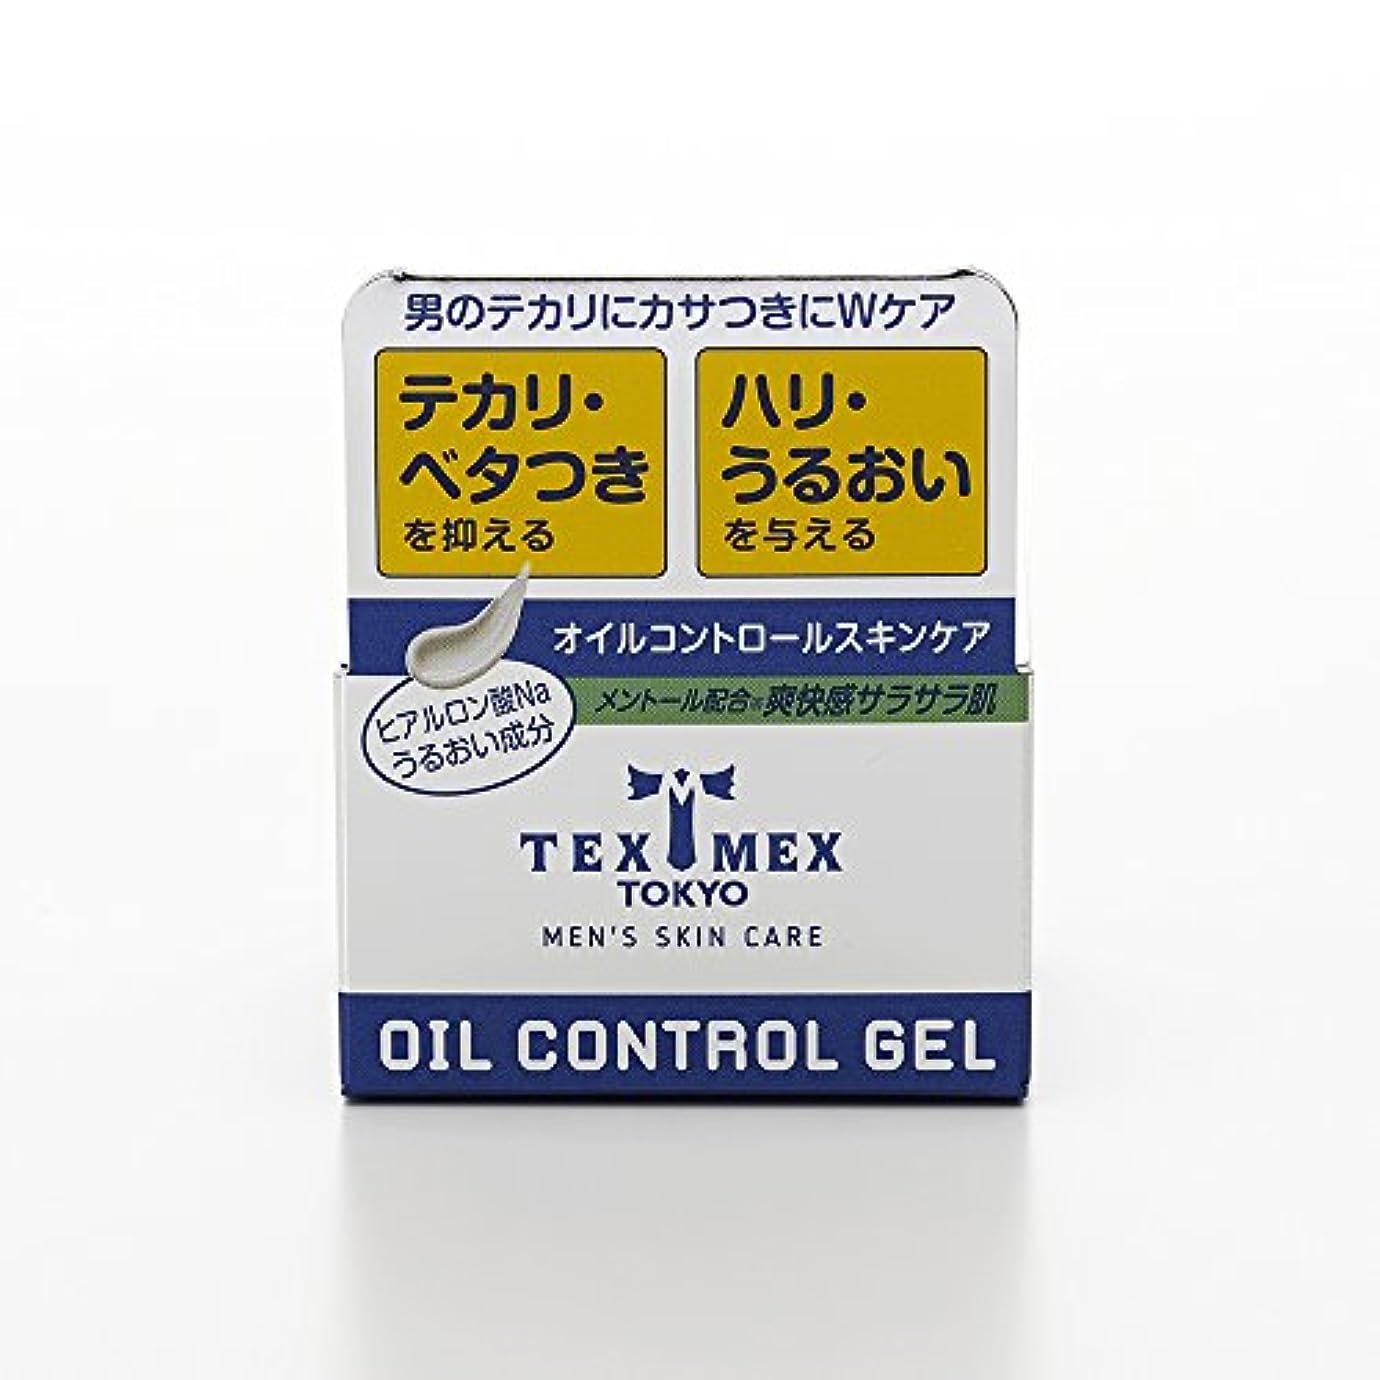 目指す予感異議テックスメックス オイルコントロールジェル 24g (テカリ防止ジェル) 【塗るだけでサラサラ肌に】